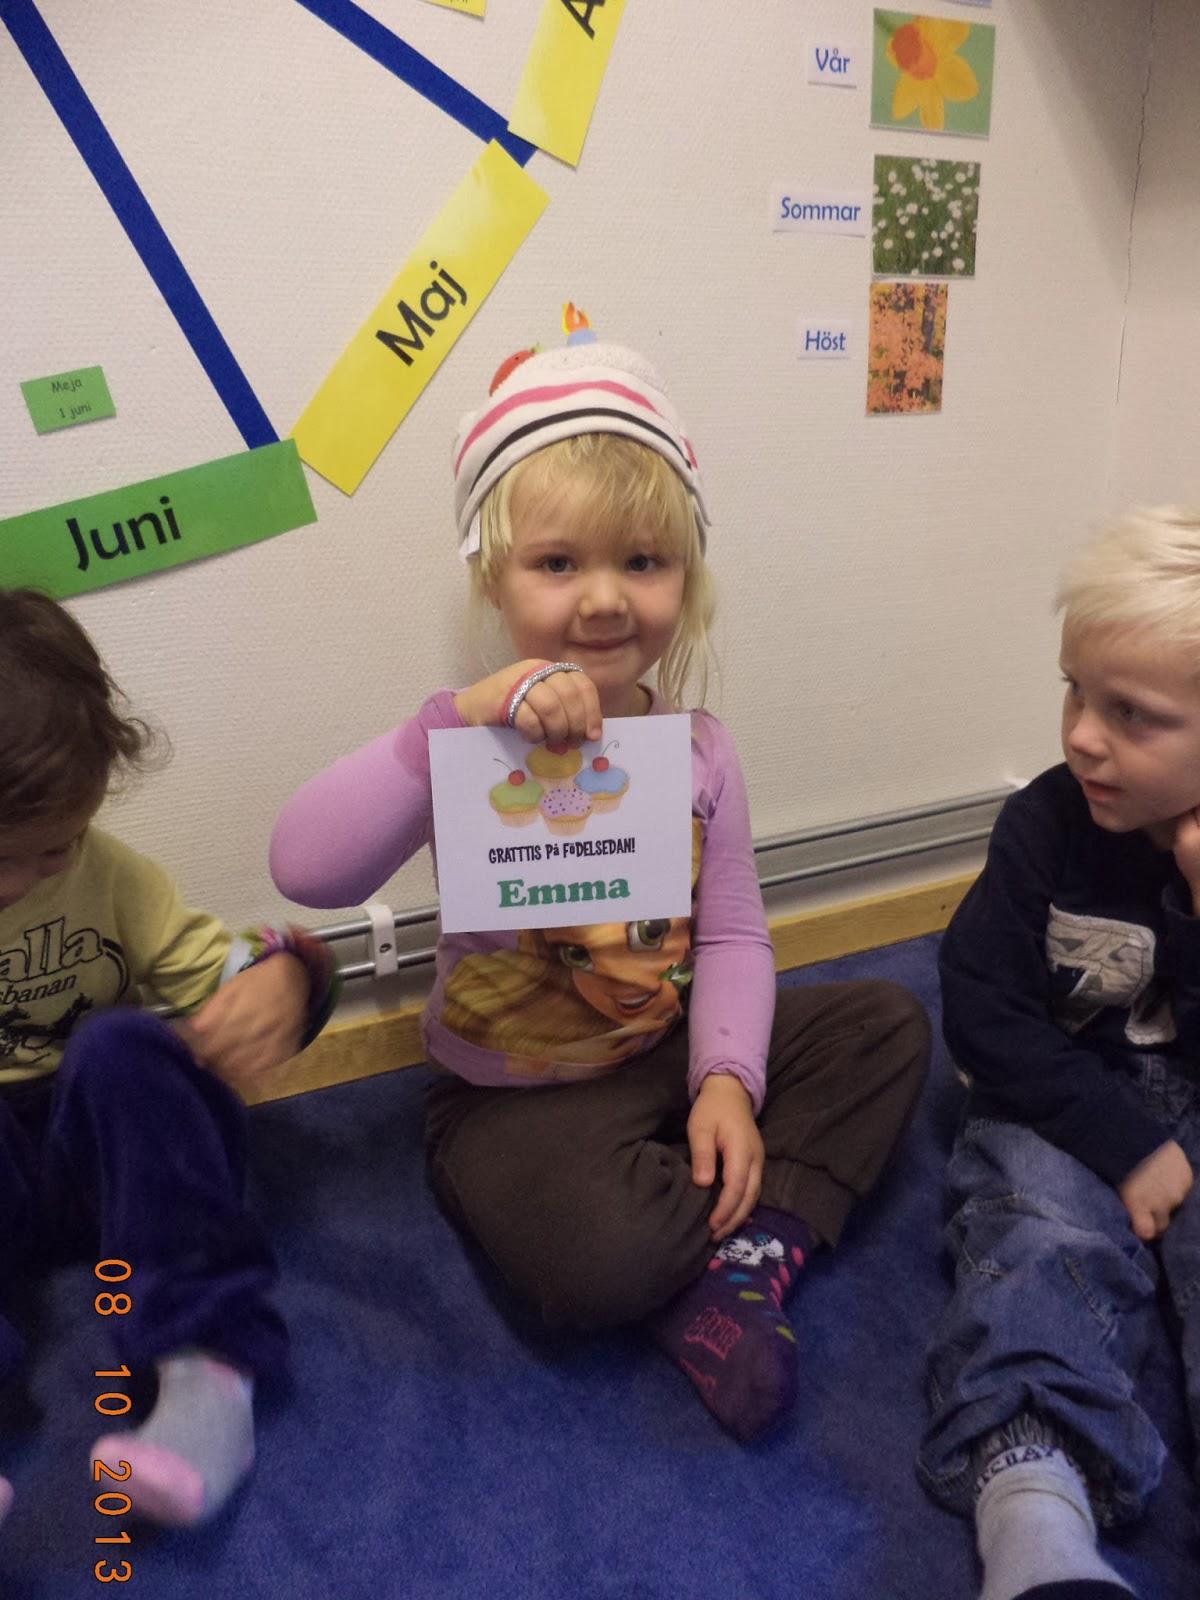 fira födelsedag på förskolan FREJA: Fira födelsedag på Freja! fira födelsedag på förskolan